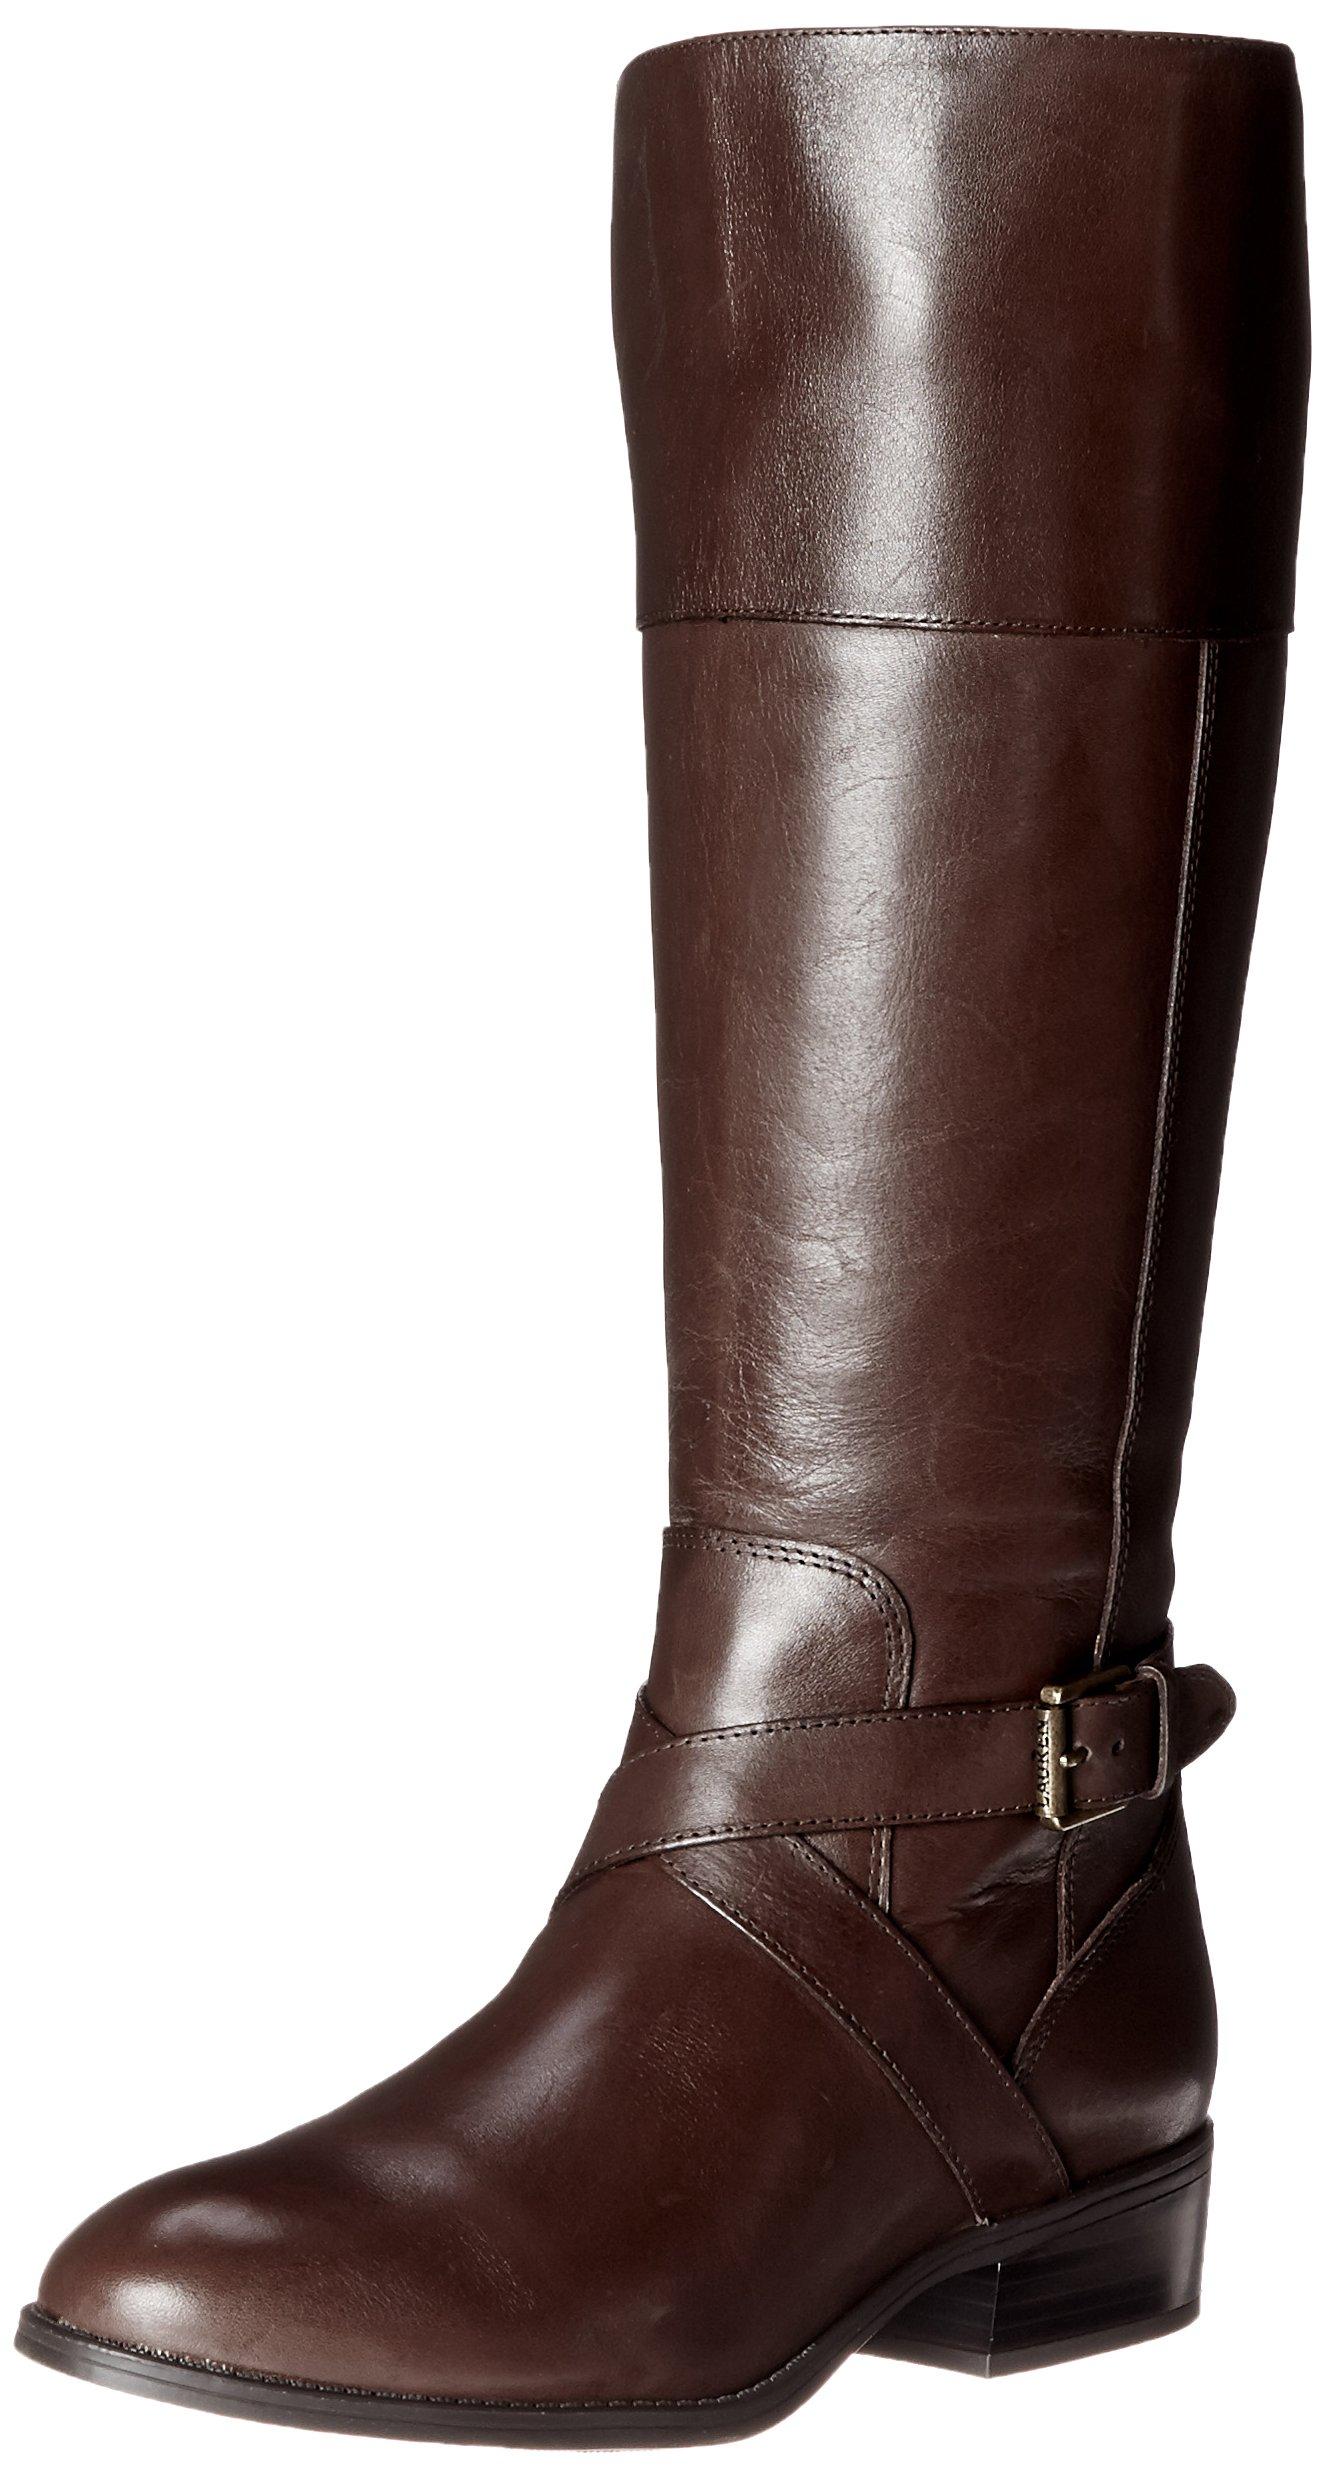 Lauren Ralph Lauren Women's Maryann Riding Boot, Dark Brown, 9 B US by Lauren by Ralph Lauren